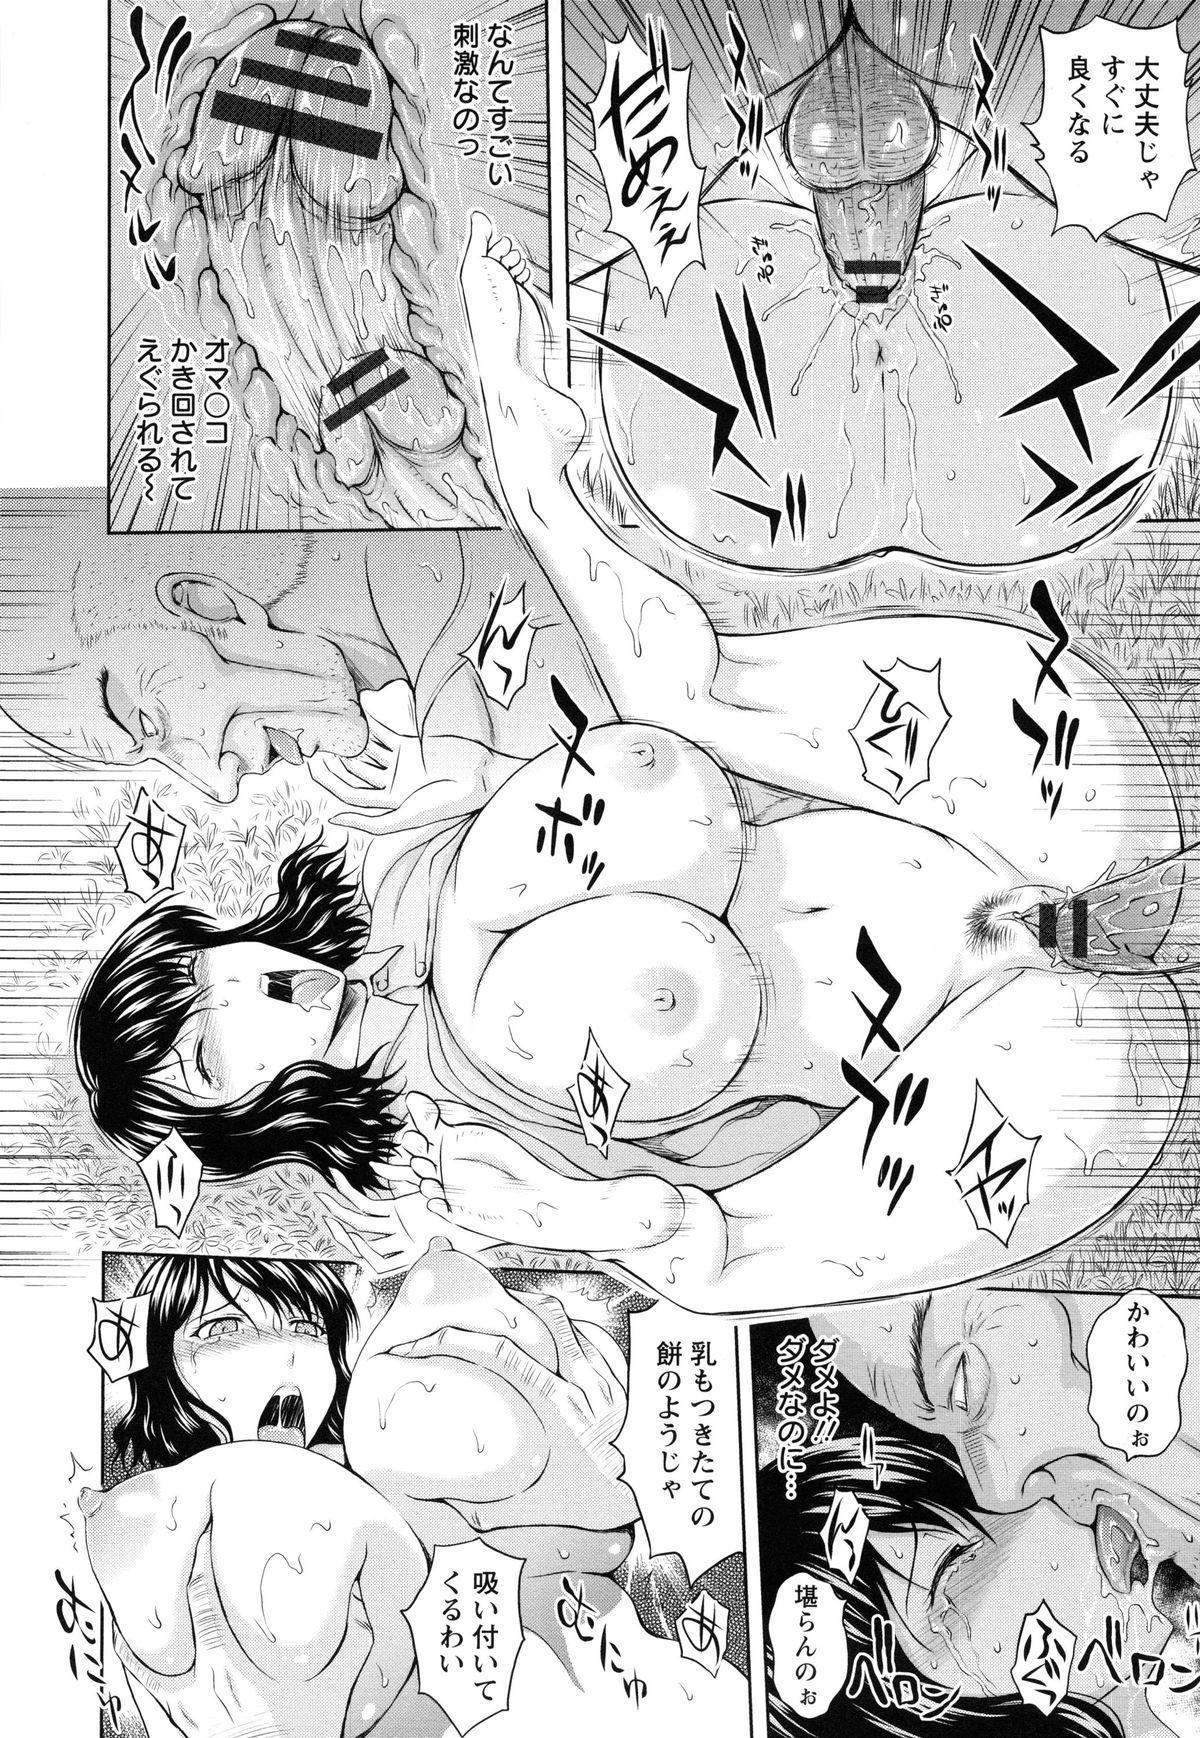 Inbaku no Wakazuma 63